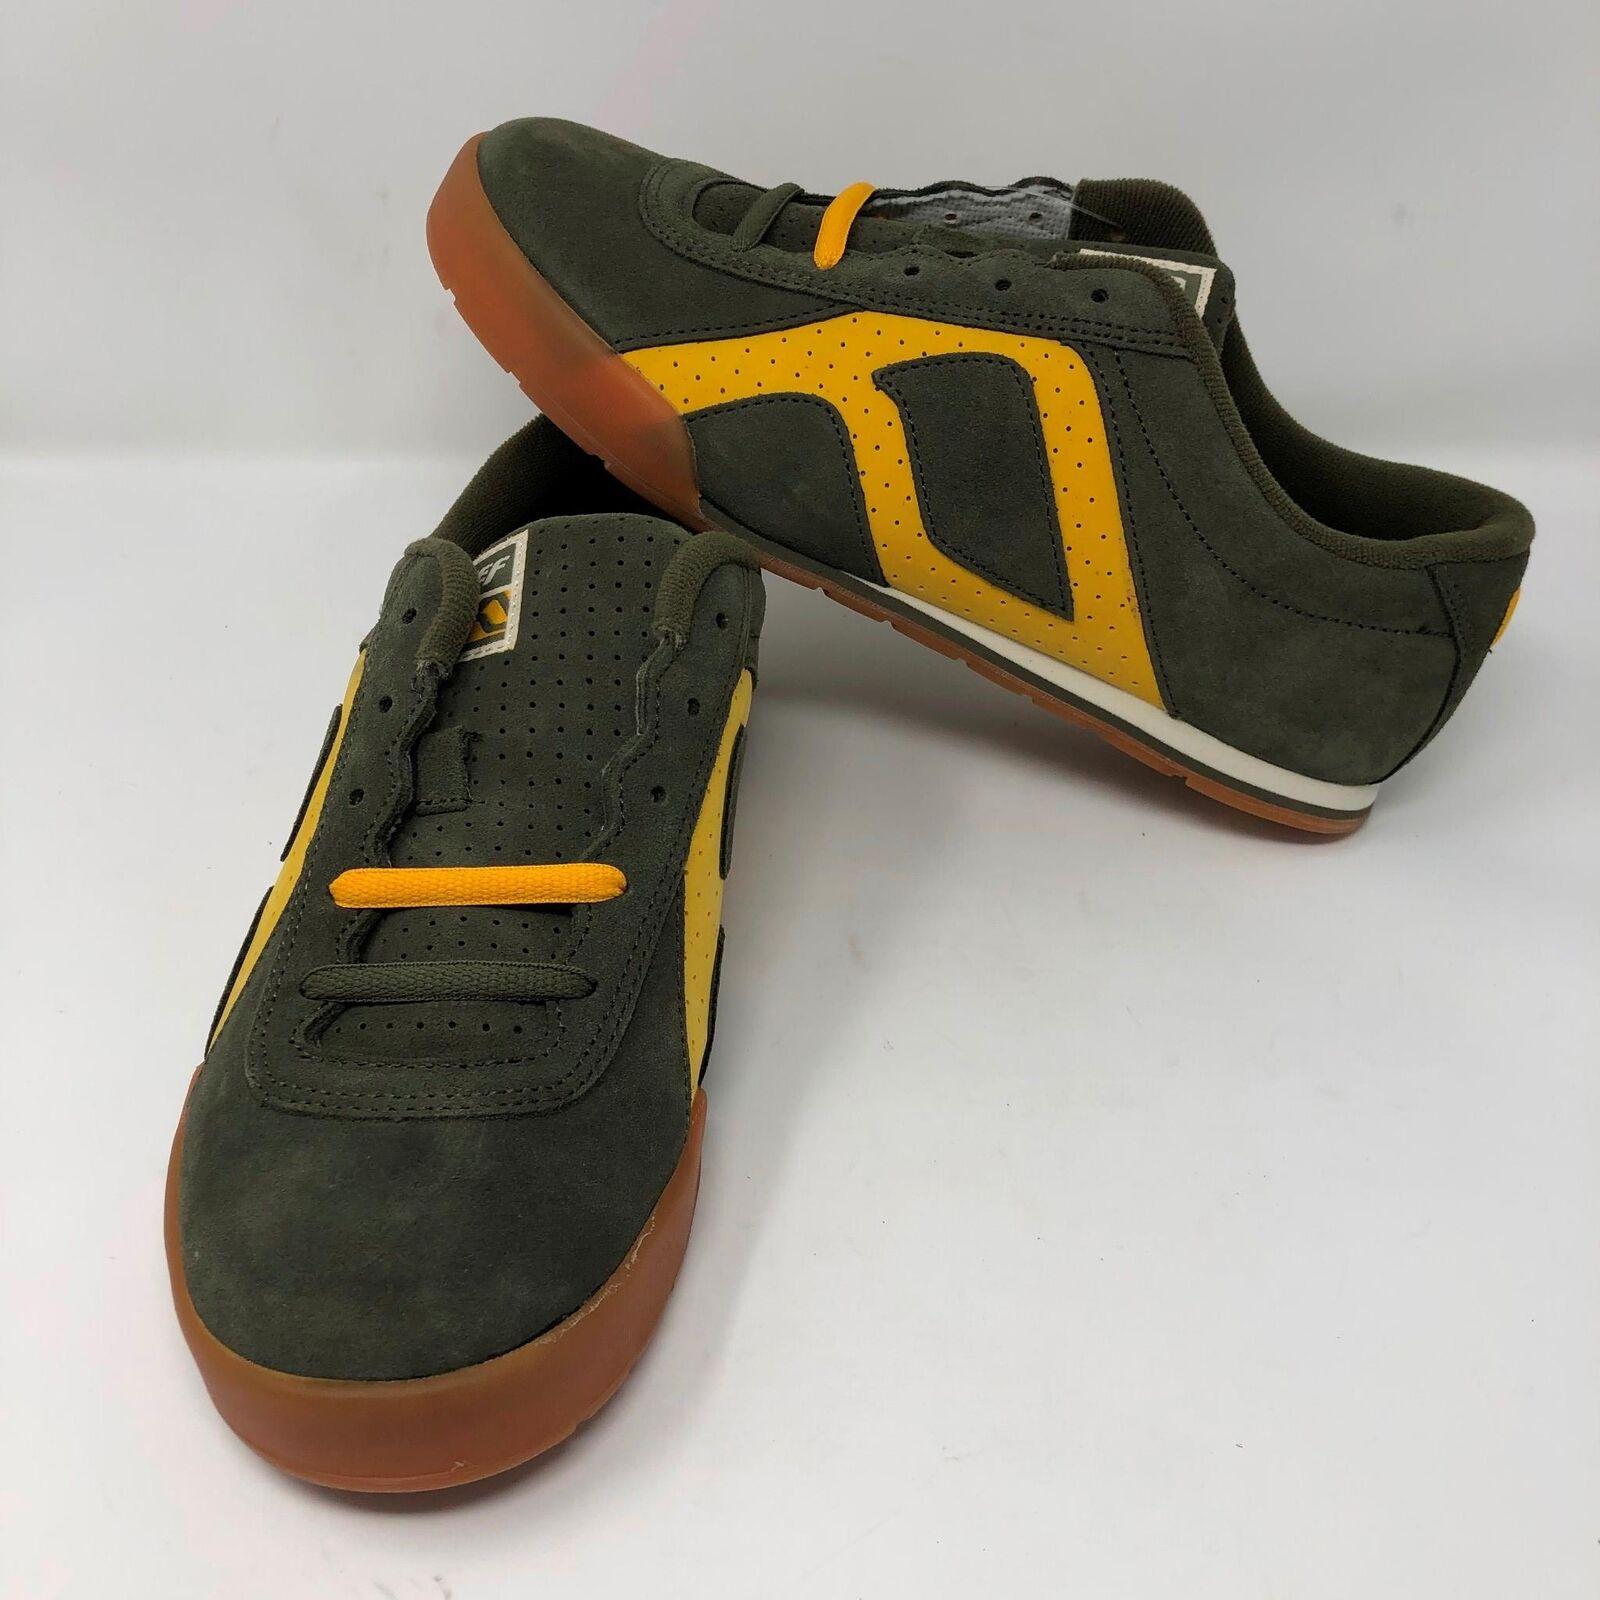 il più economico VTG NWT NWT NWT Reef Uomo Deadstock Clutch Leather verde scarpe Sz 10 Surf Skate  in vendita scontato del 70%